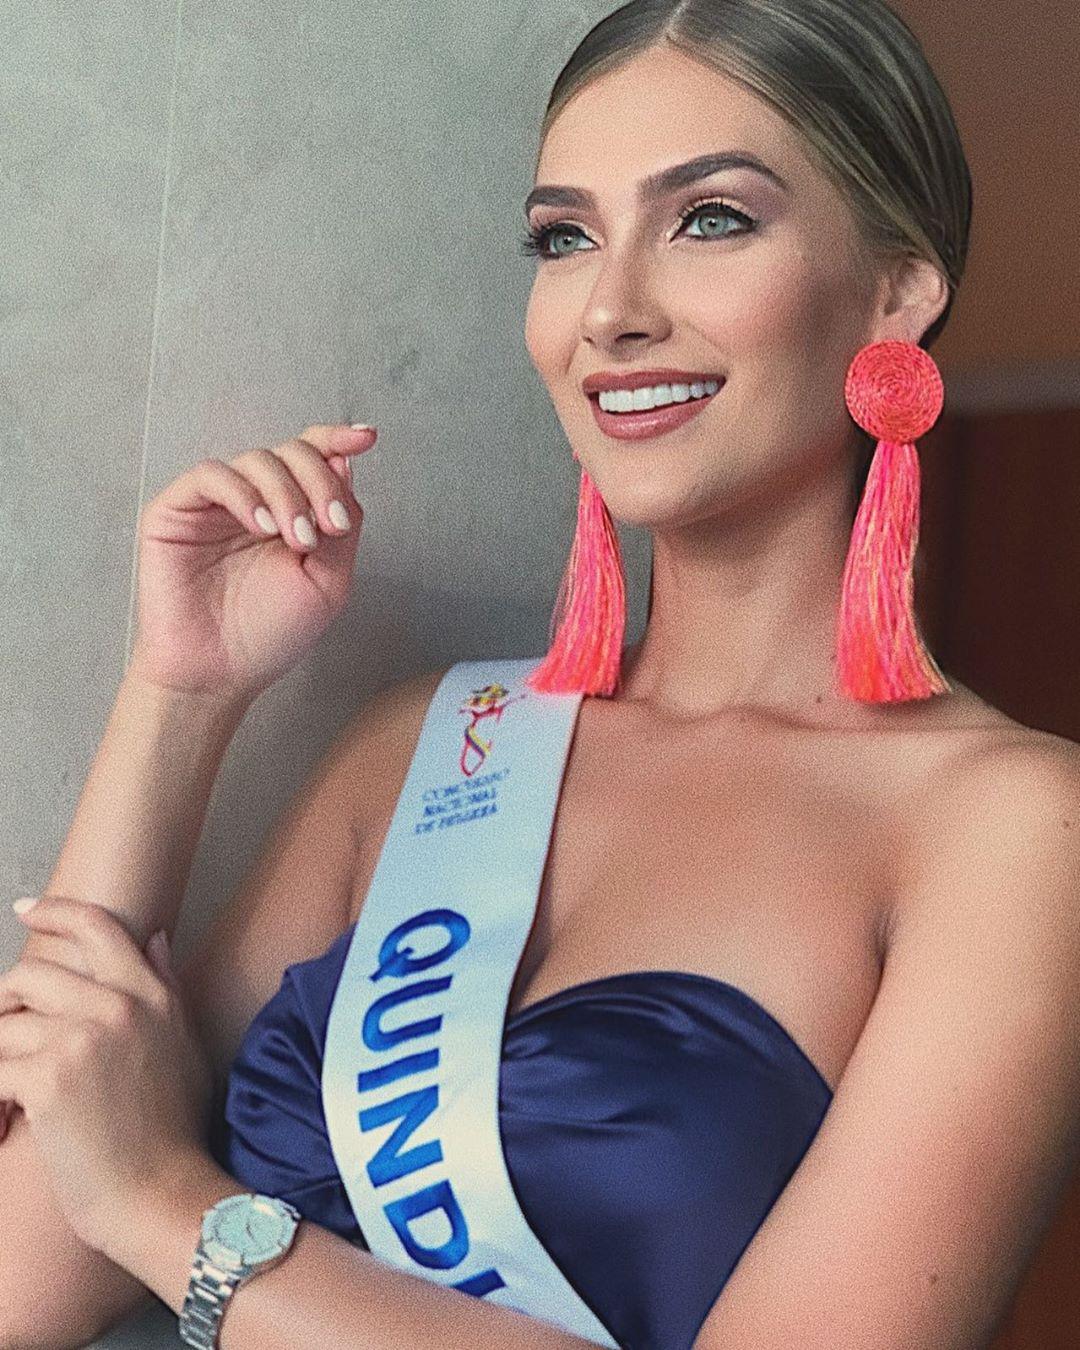 بالفيديو والصور: ملكة جمال كولومبيا 2020 ماريا فريناندا